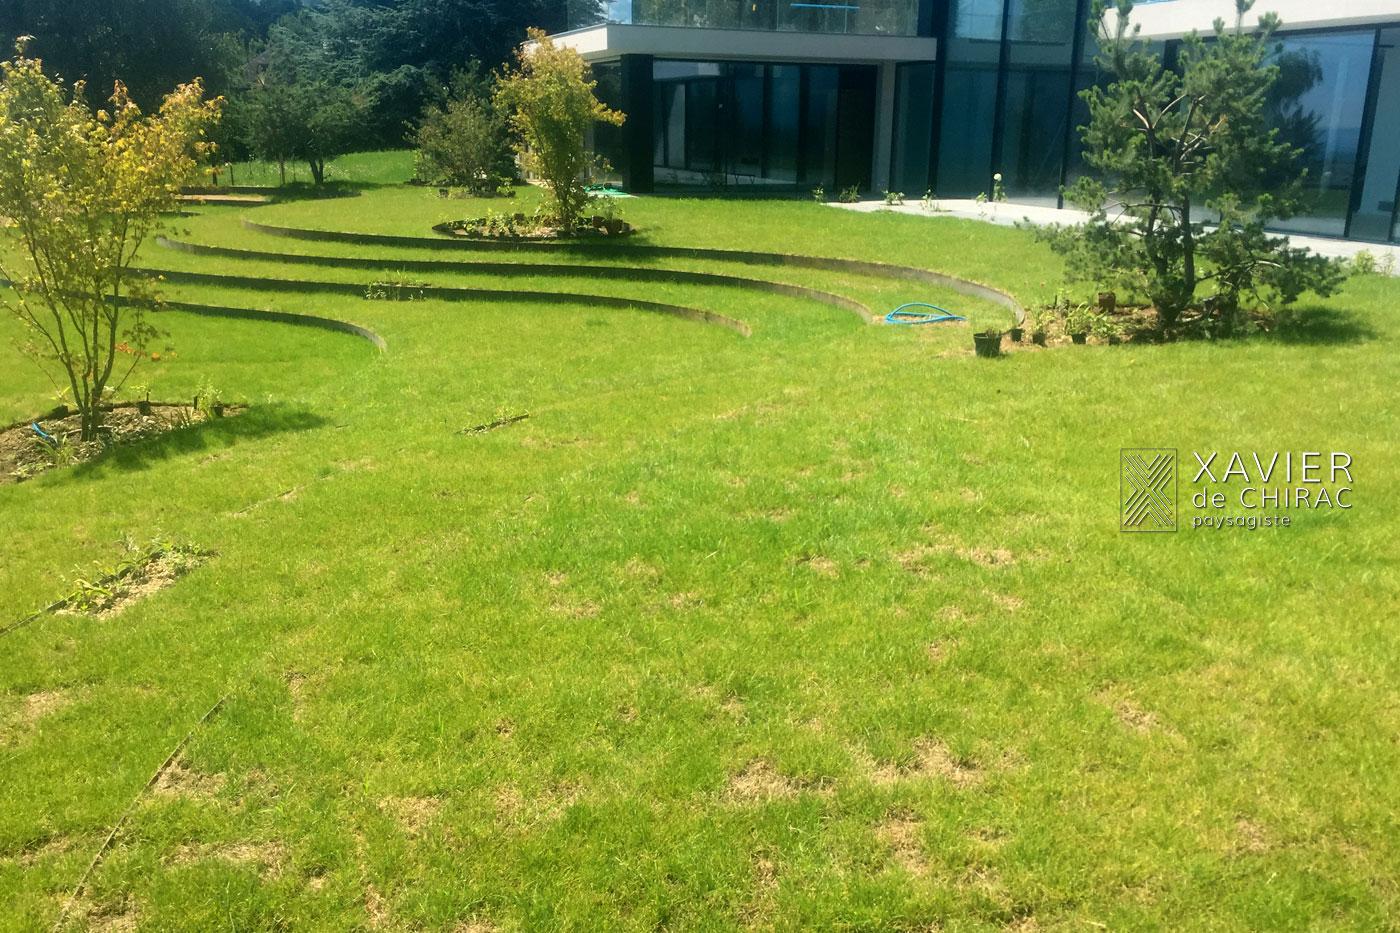 Xavier de Chirac, naissance d'un jardin